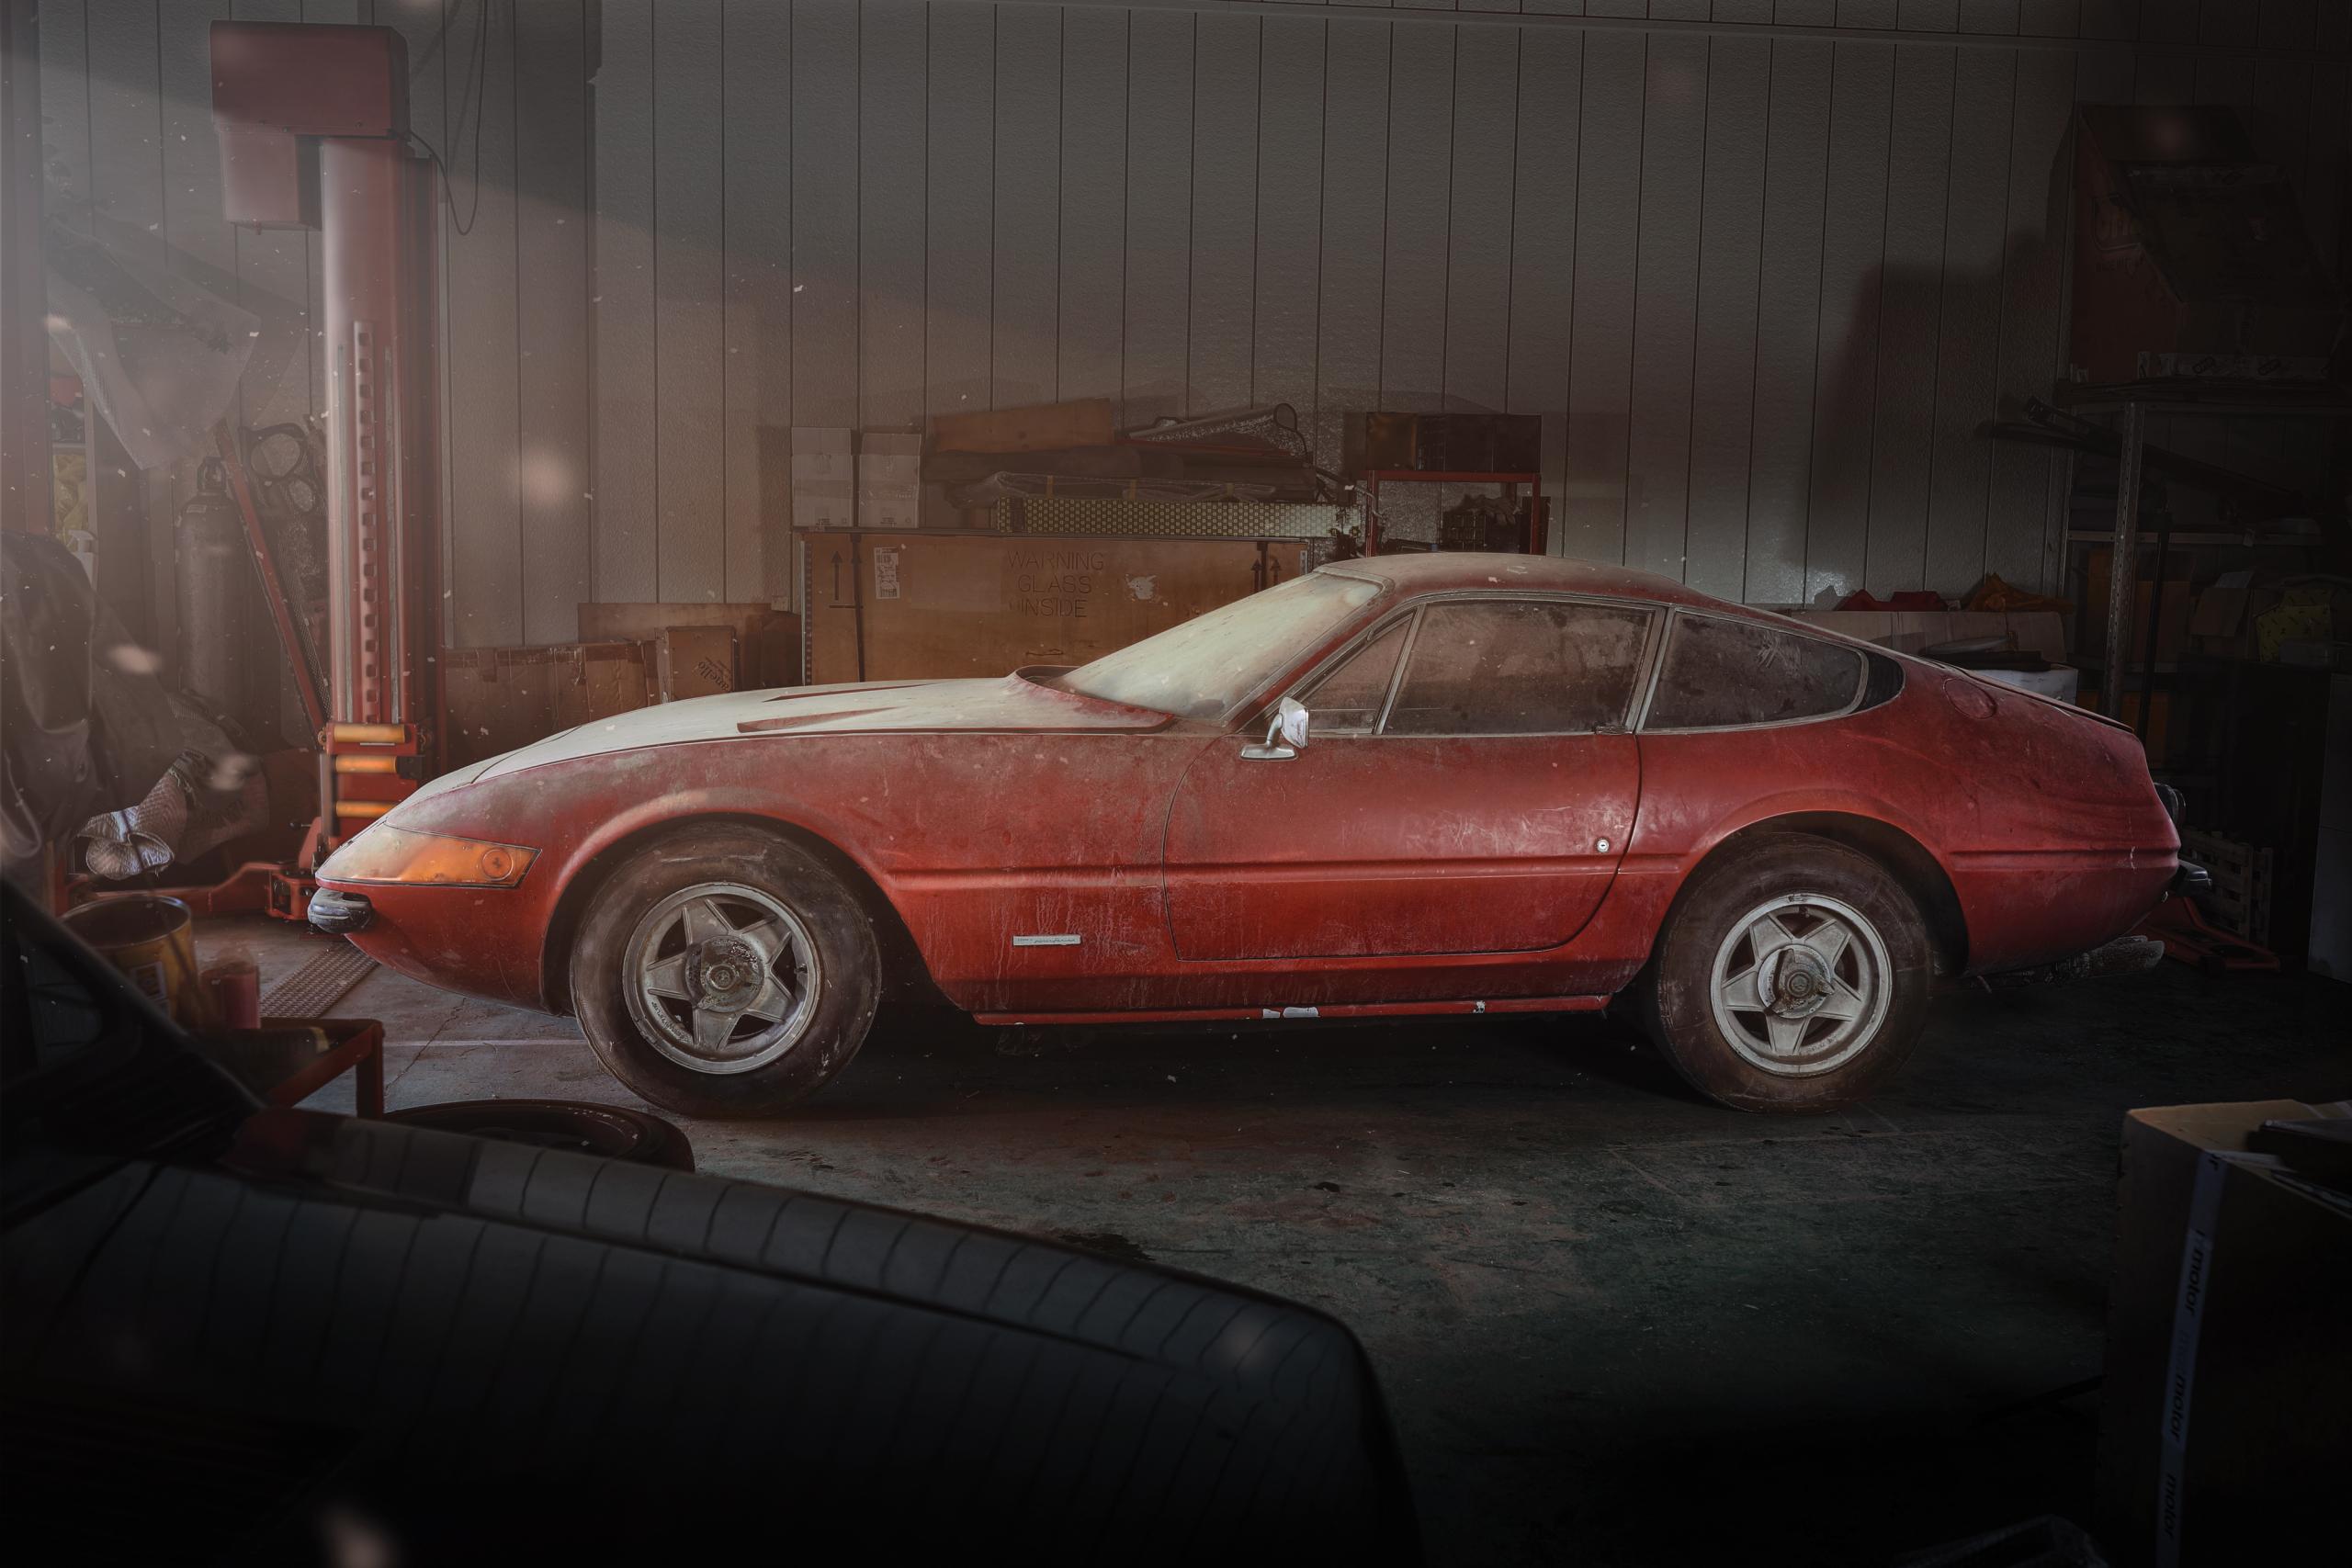 Barn-find alloy Ferrari 365 GTB/4 Daytona